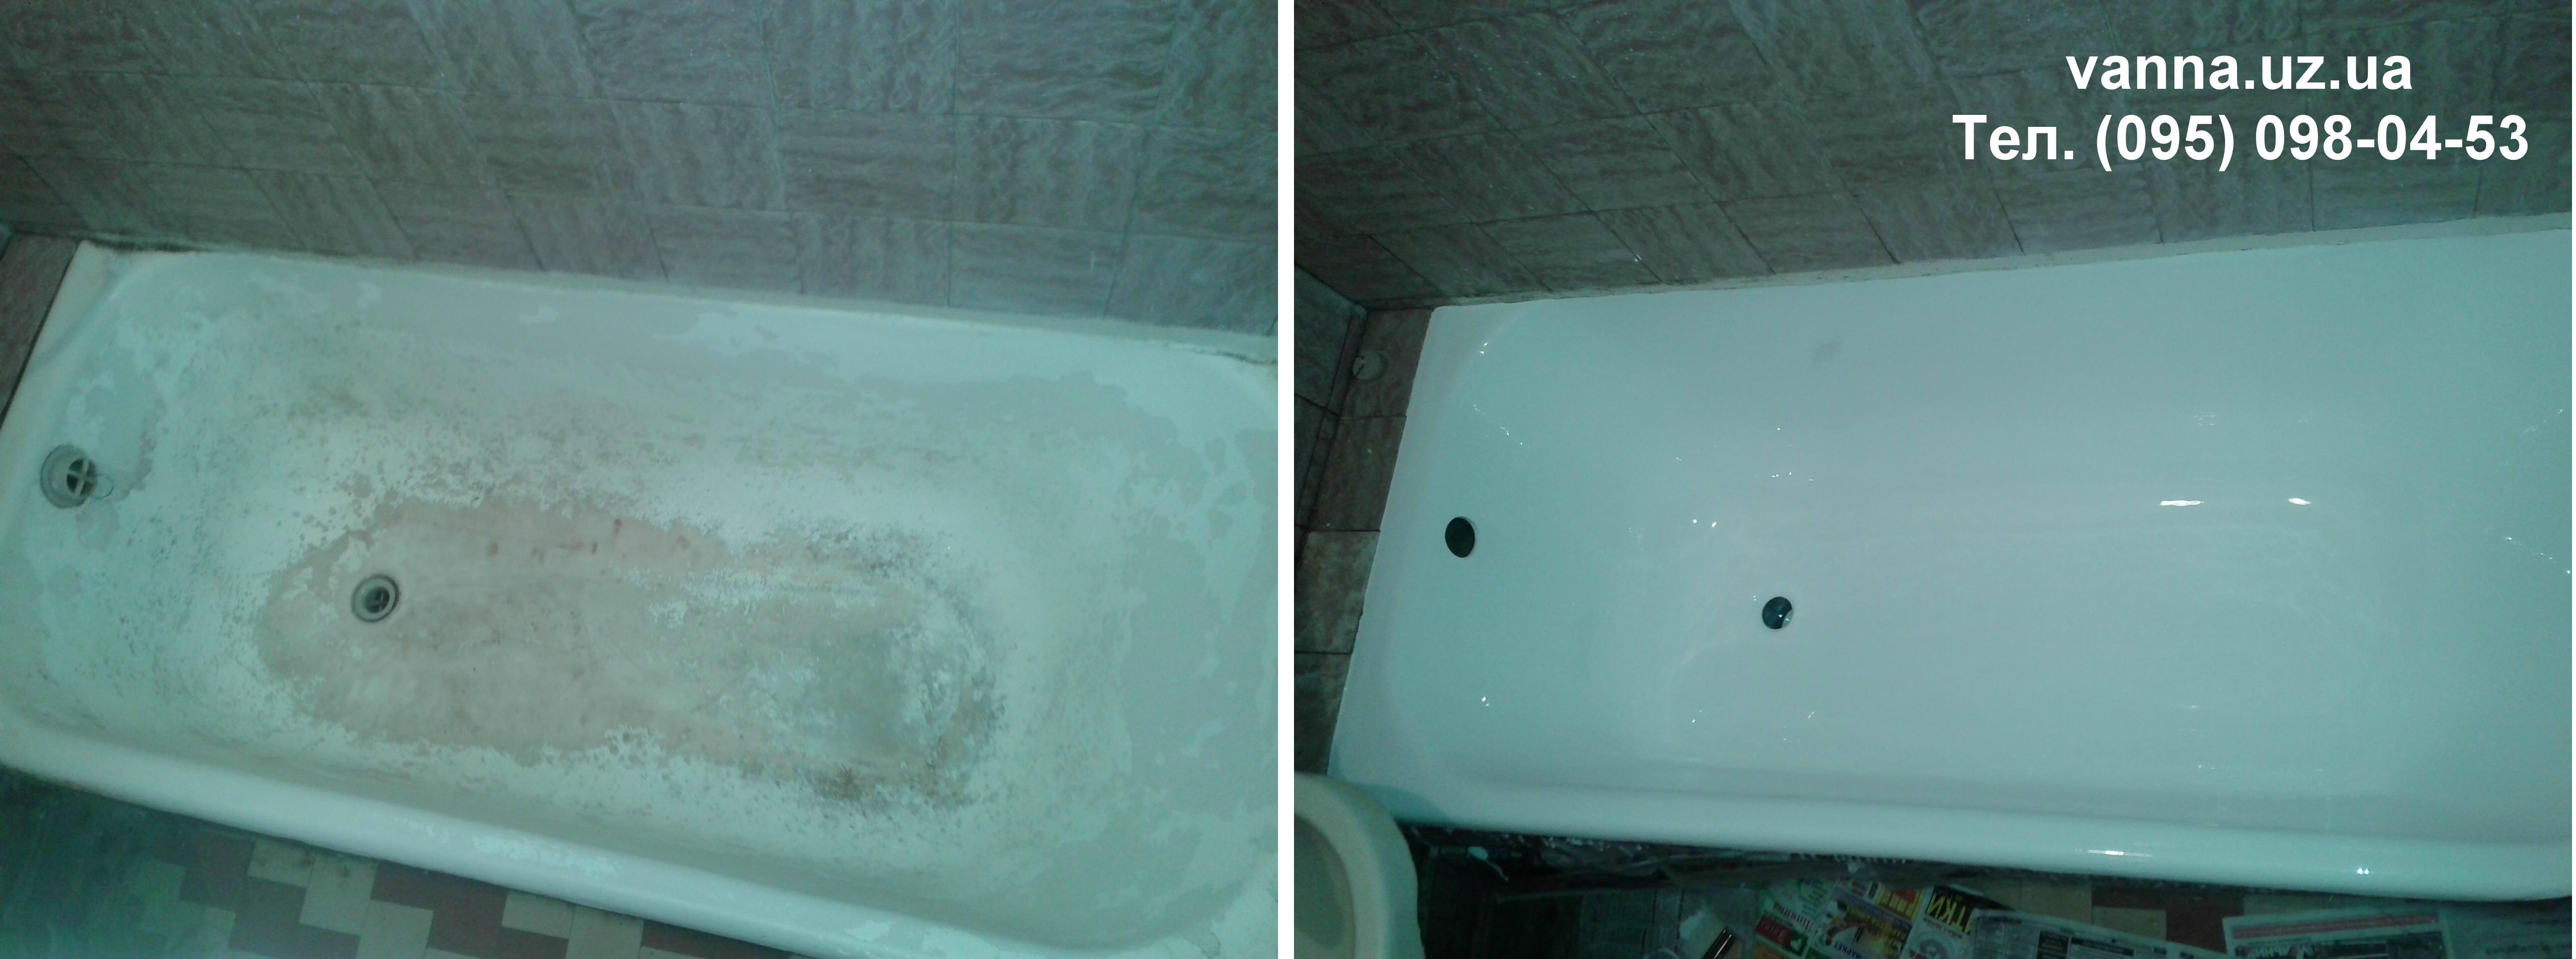 реставарція чугунних ванн